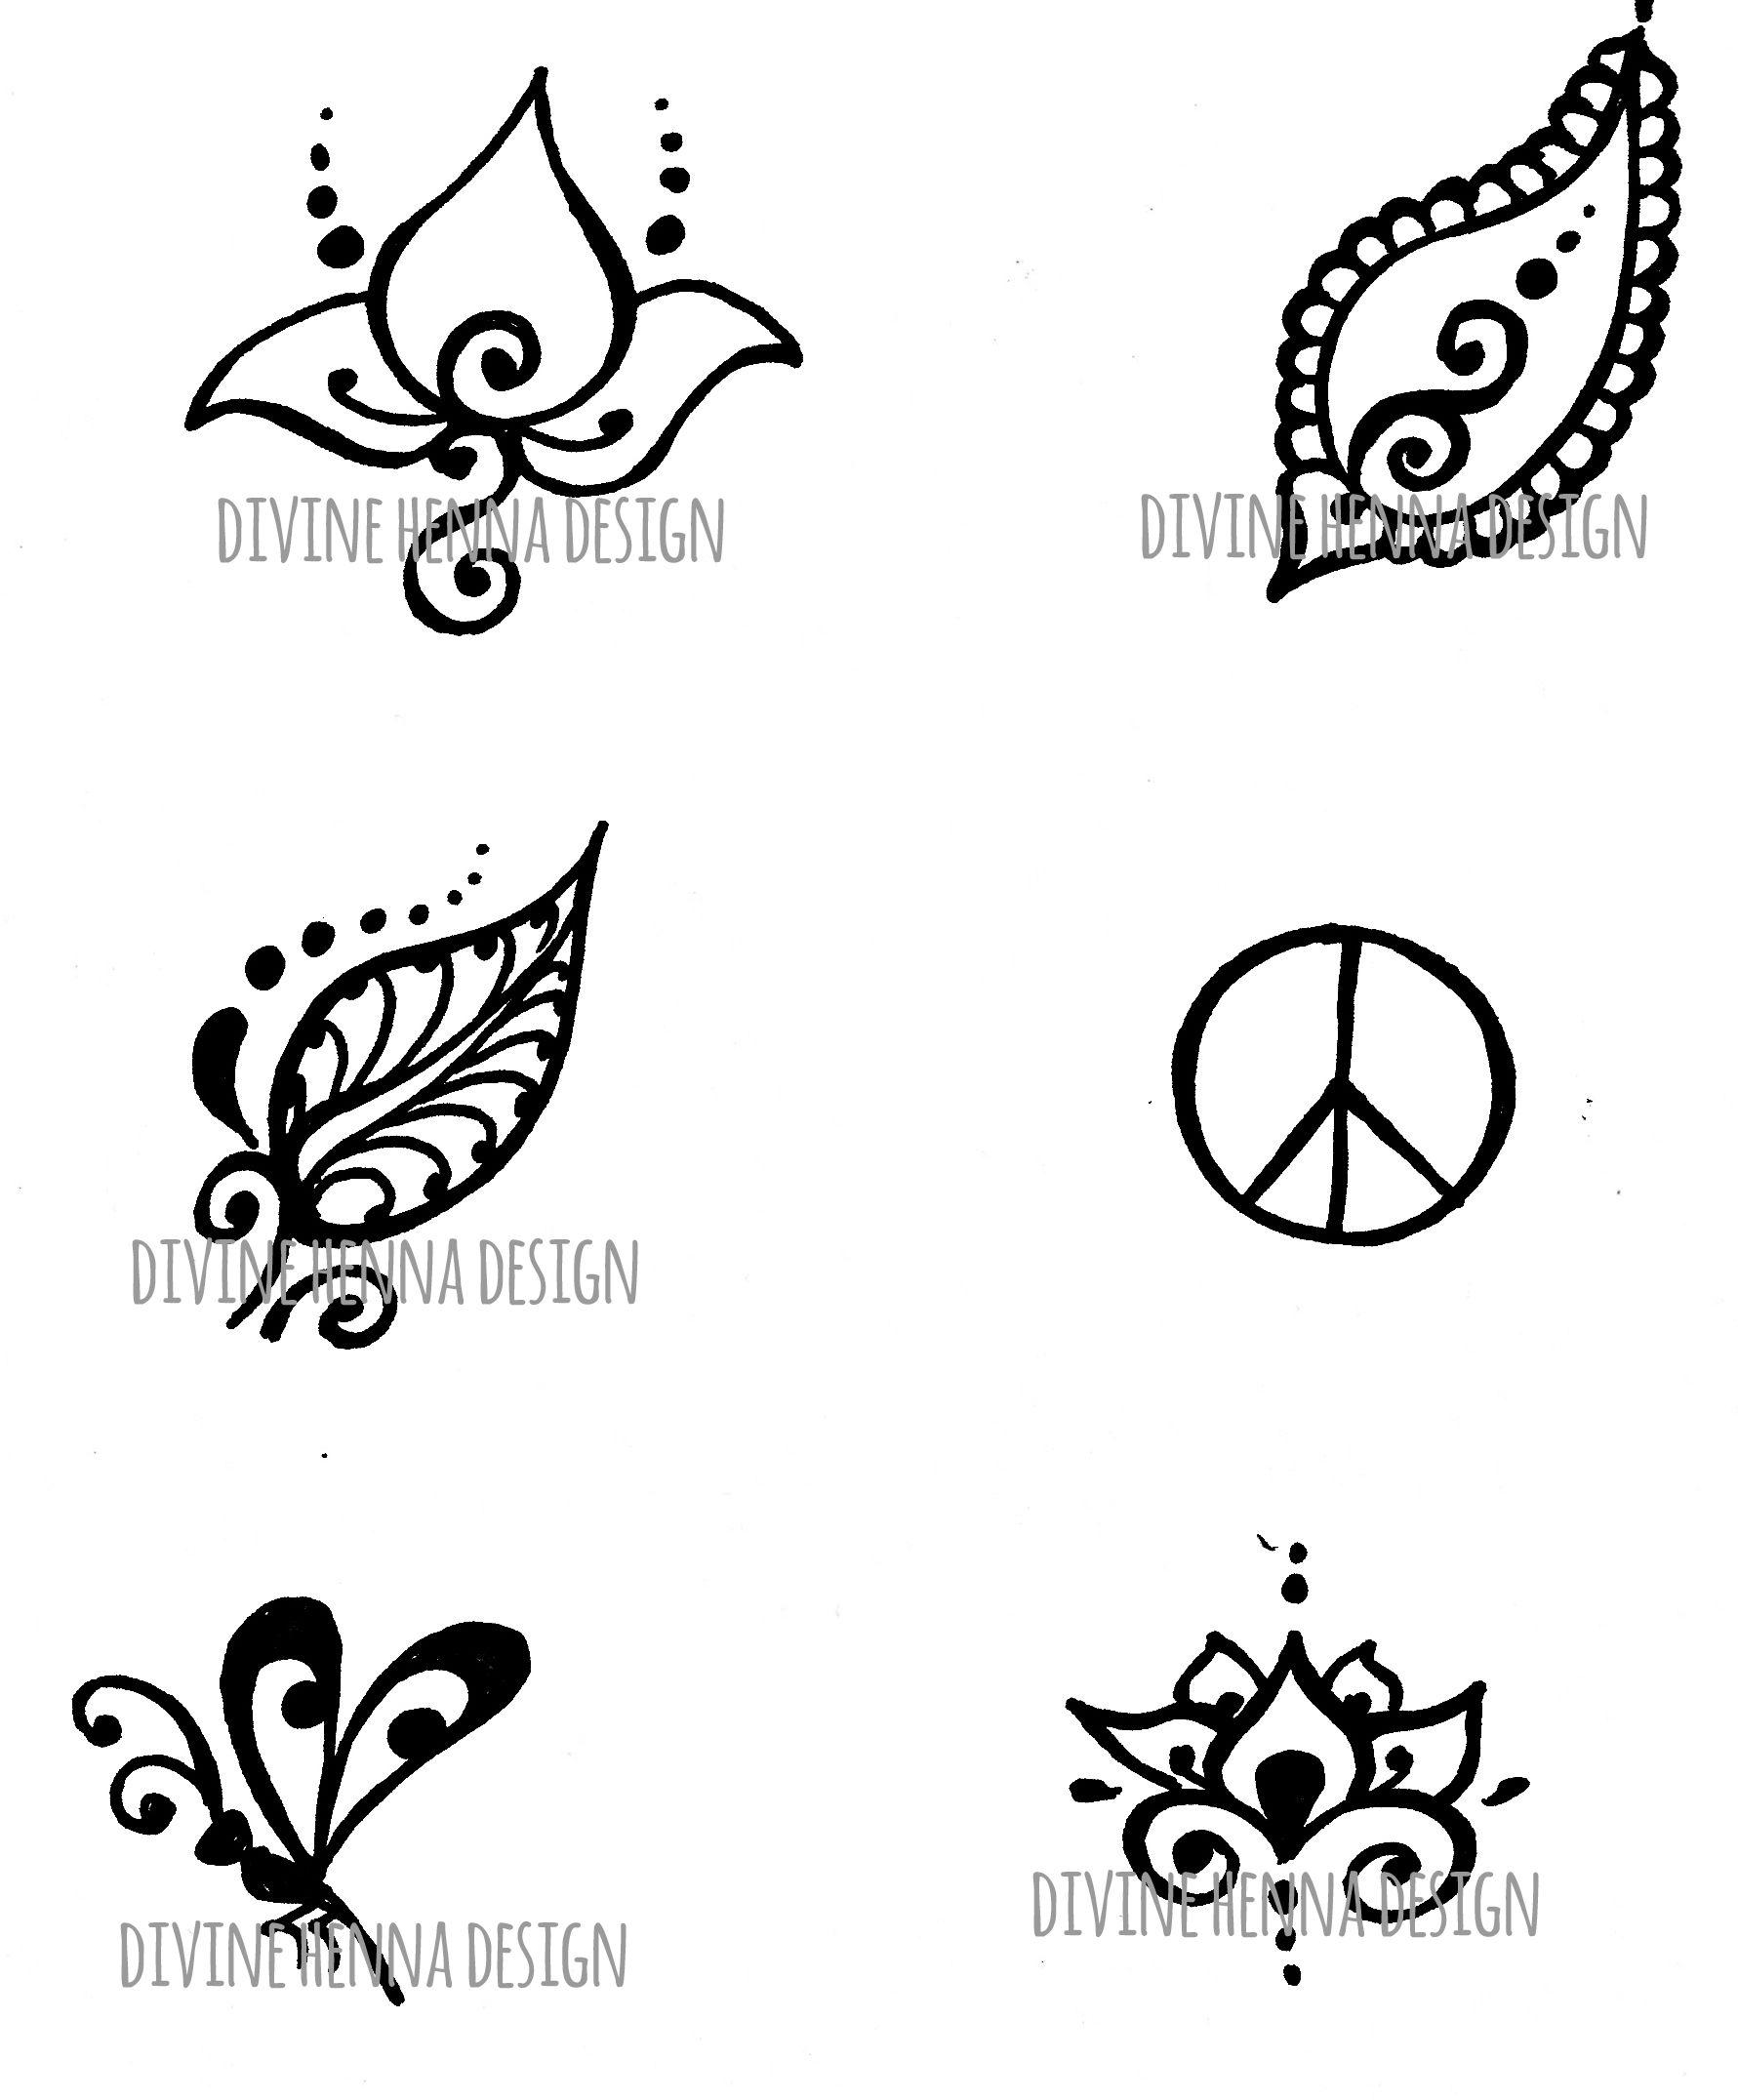 White henna design 5 five white henna designs - Henna Designs Google Search